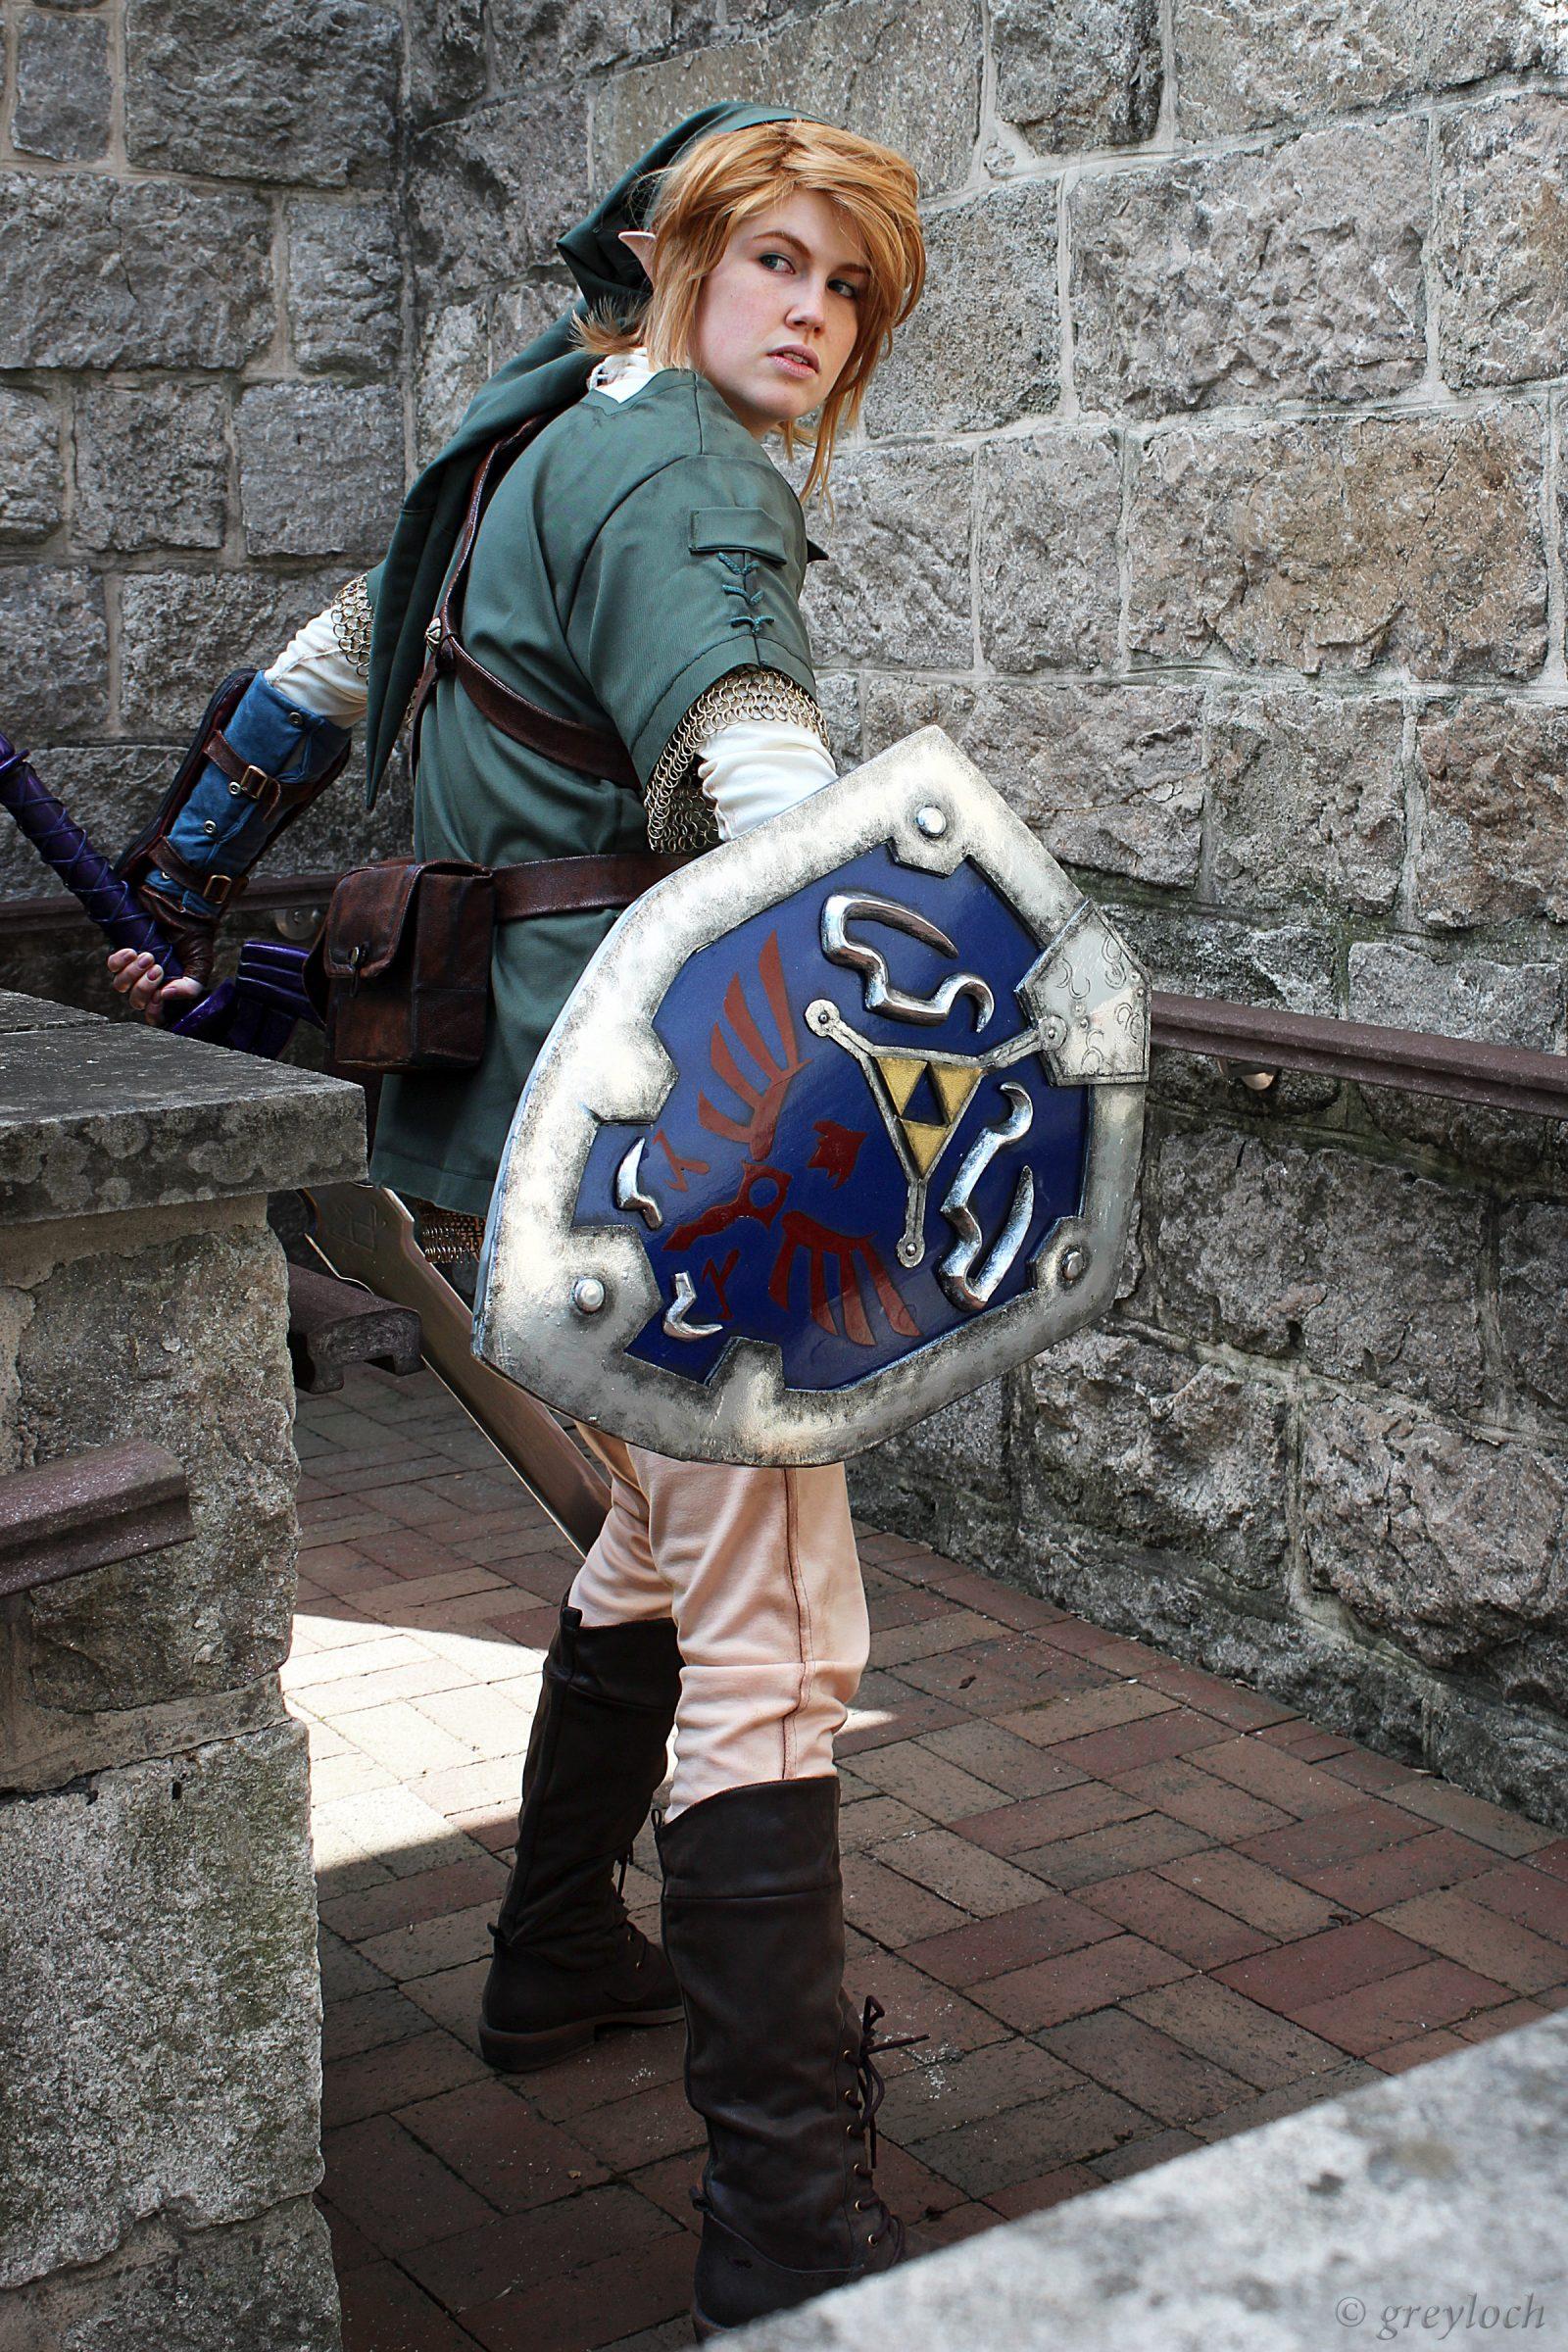 Link aus Legend of Zelda